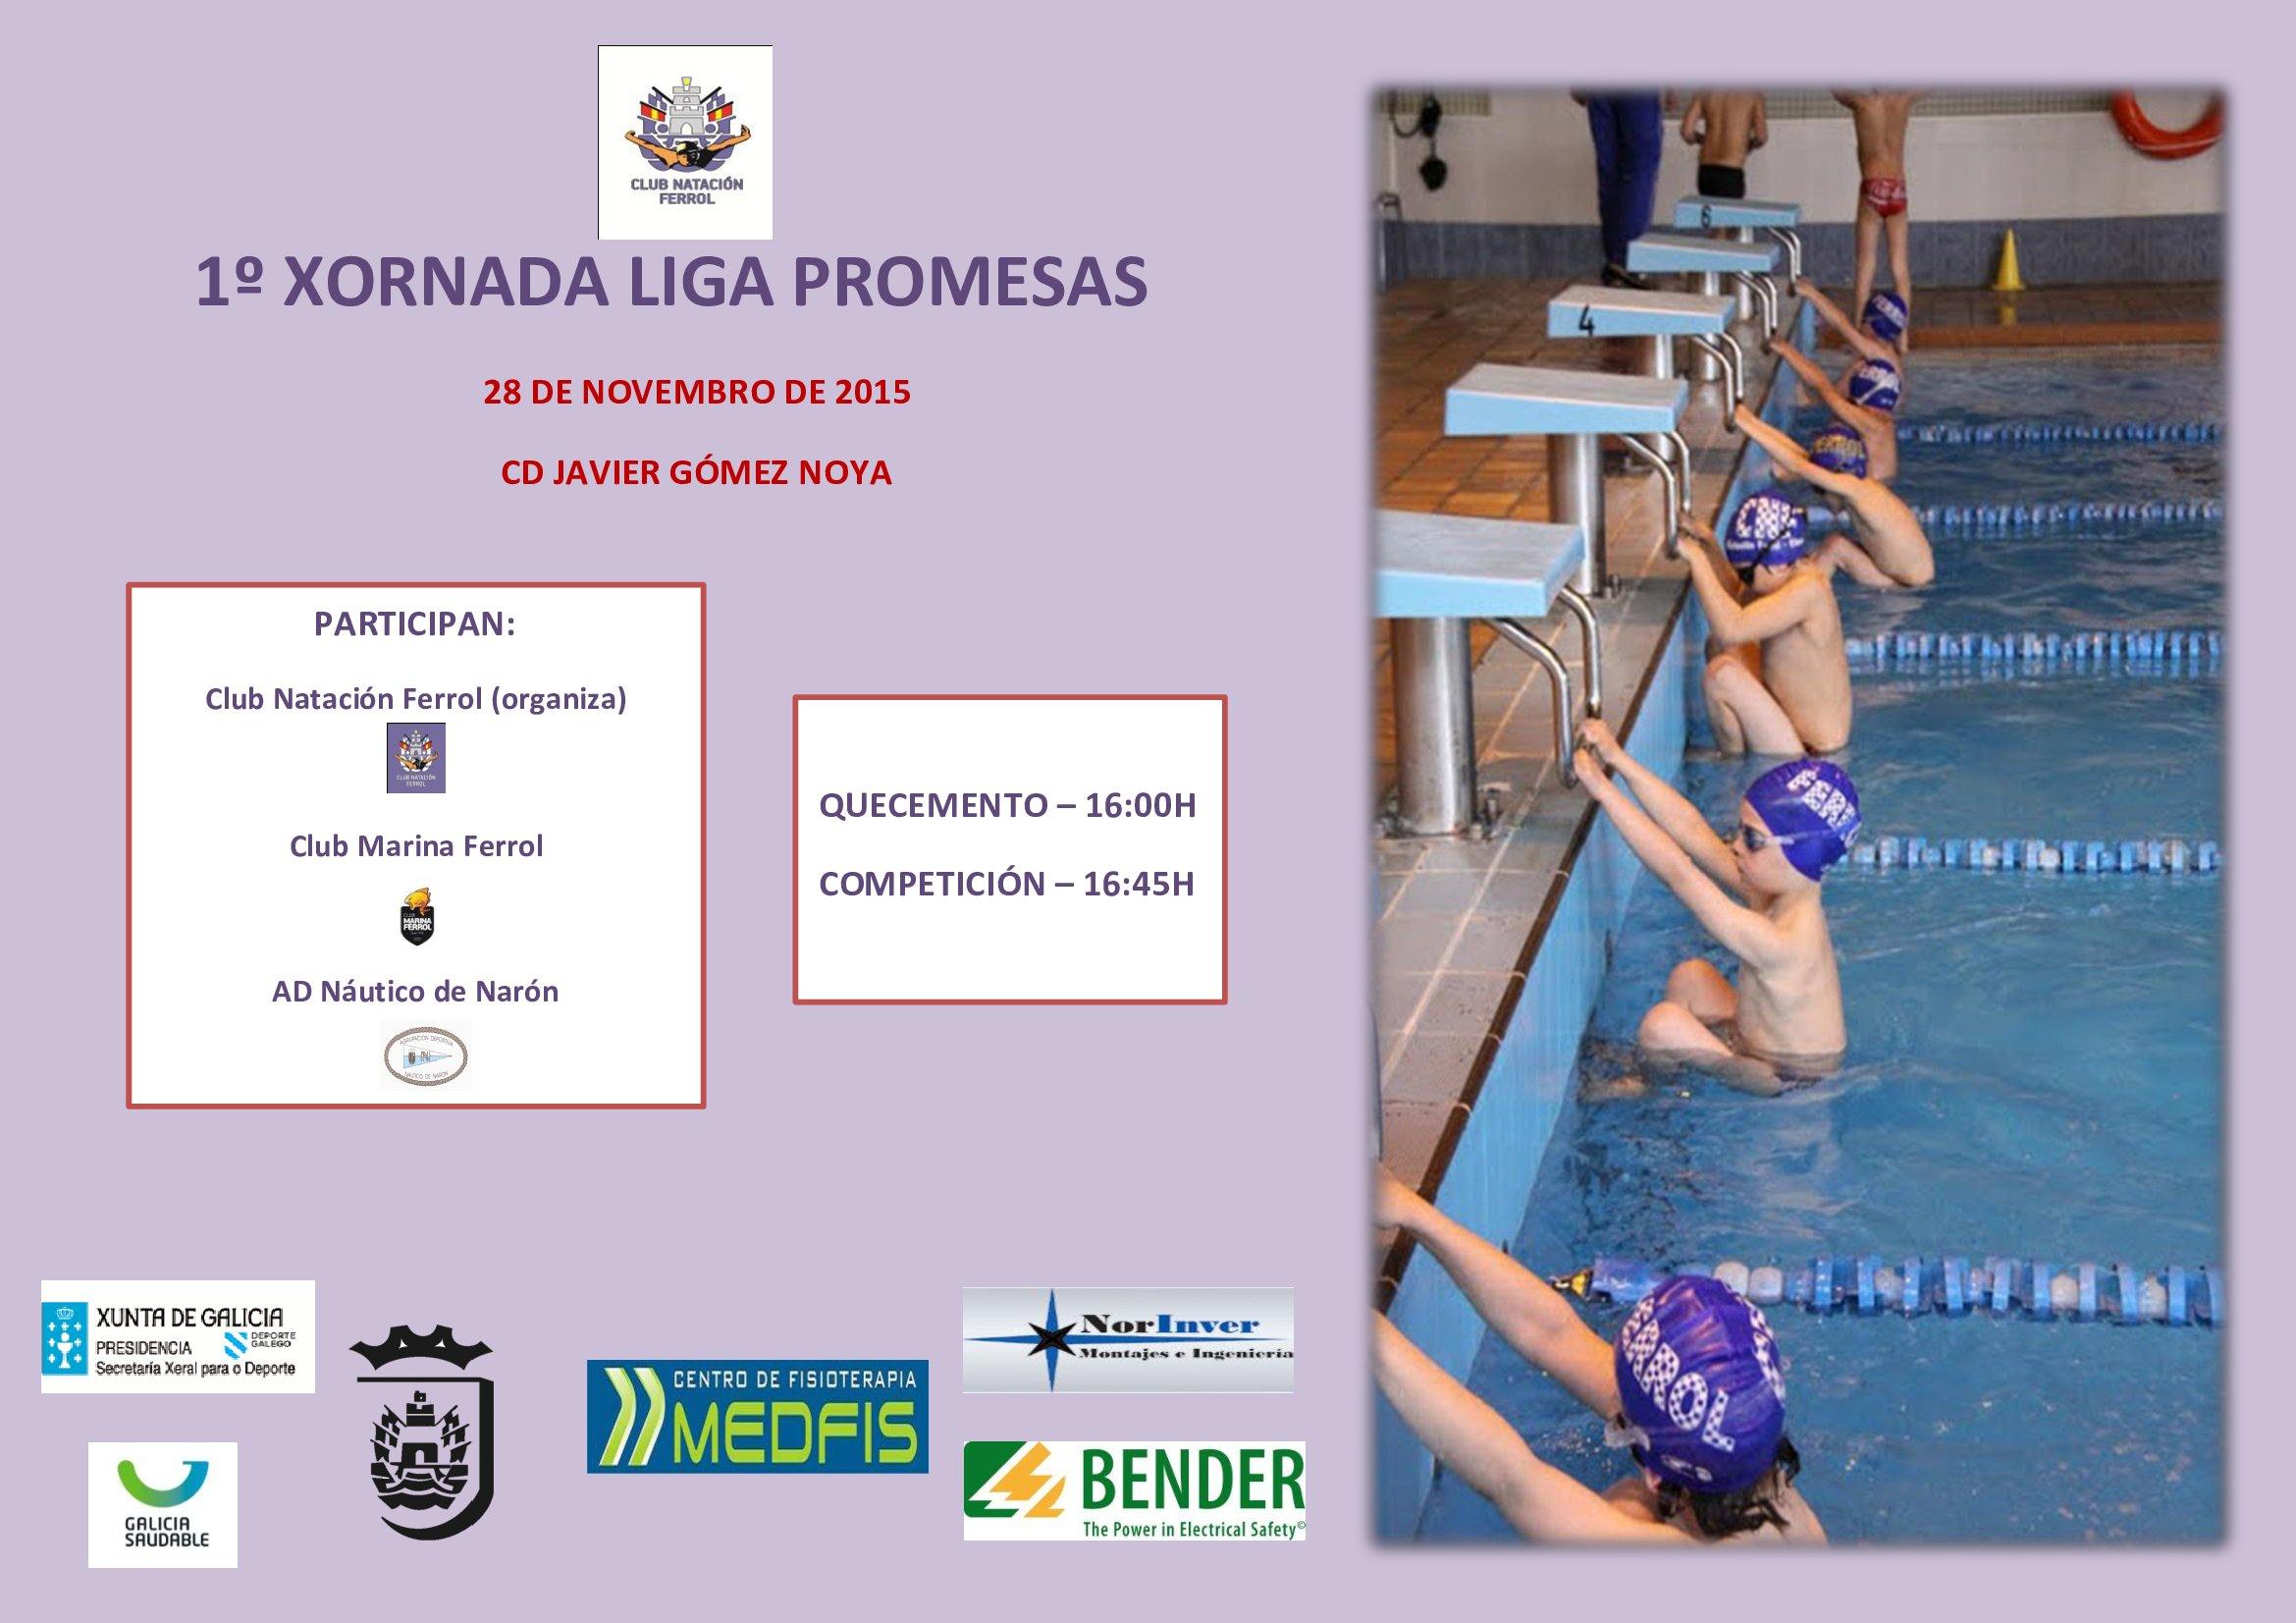 20151128_1xor_liga_promesas